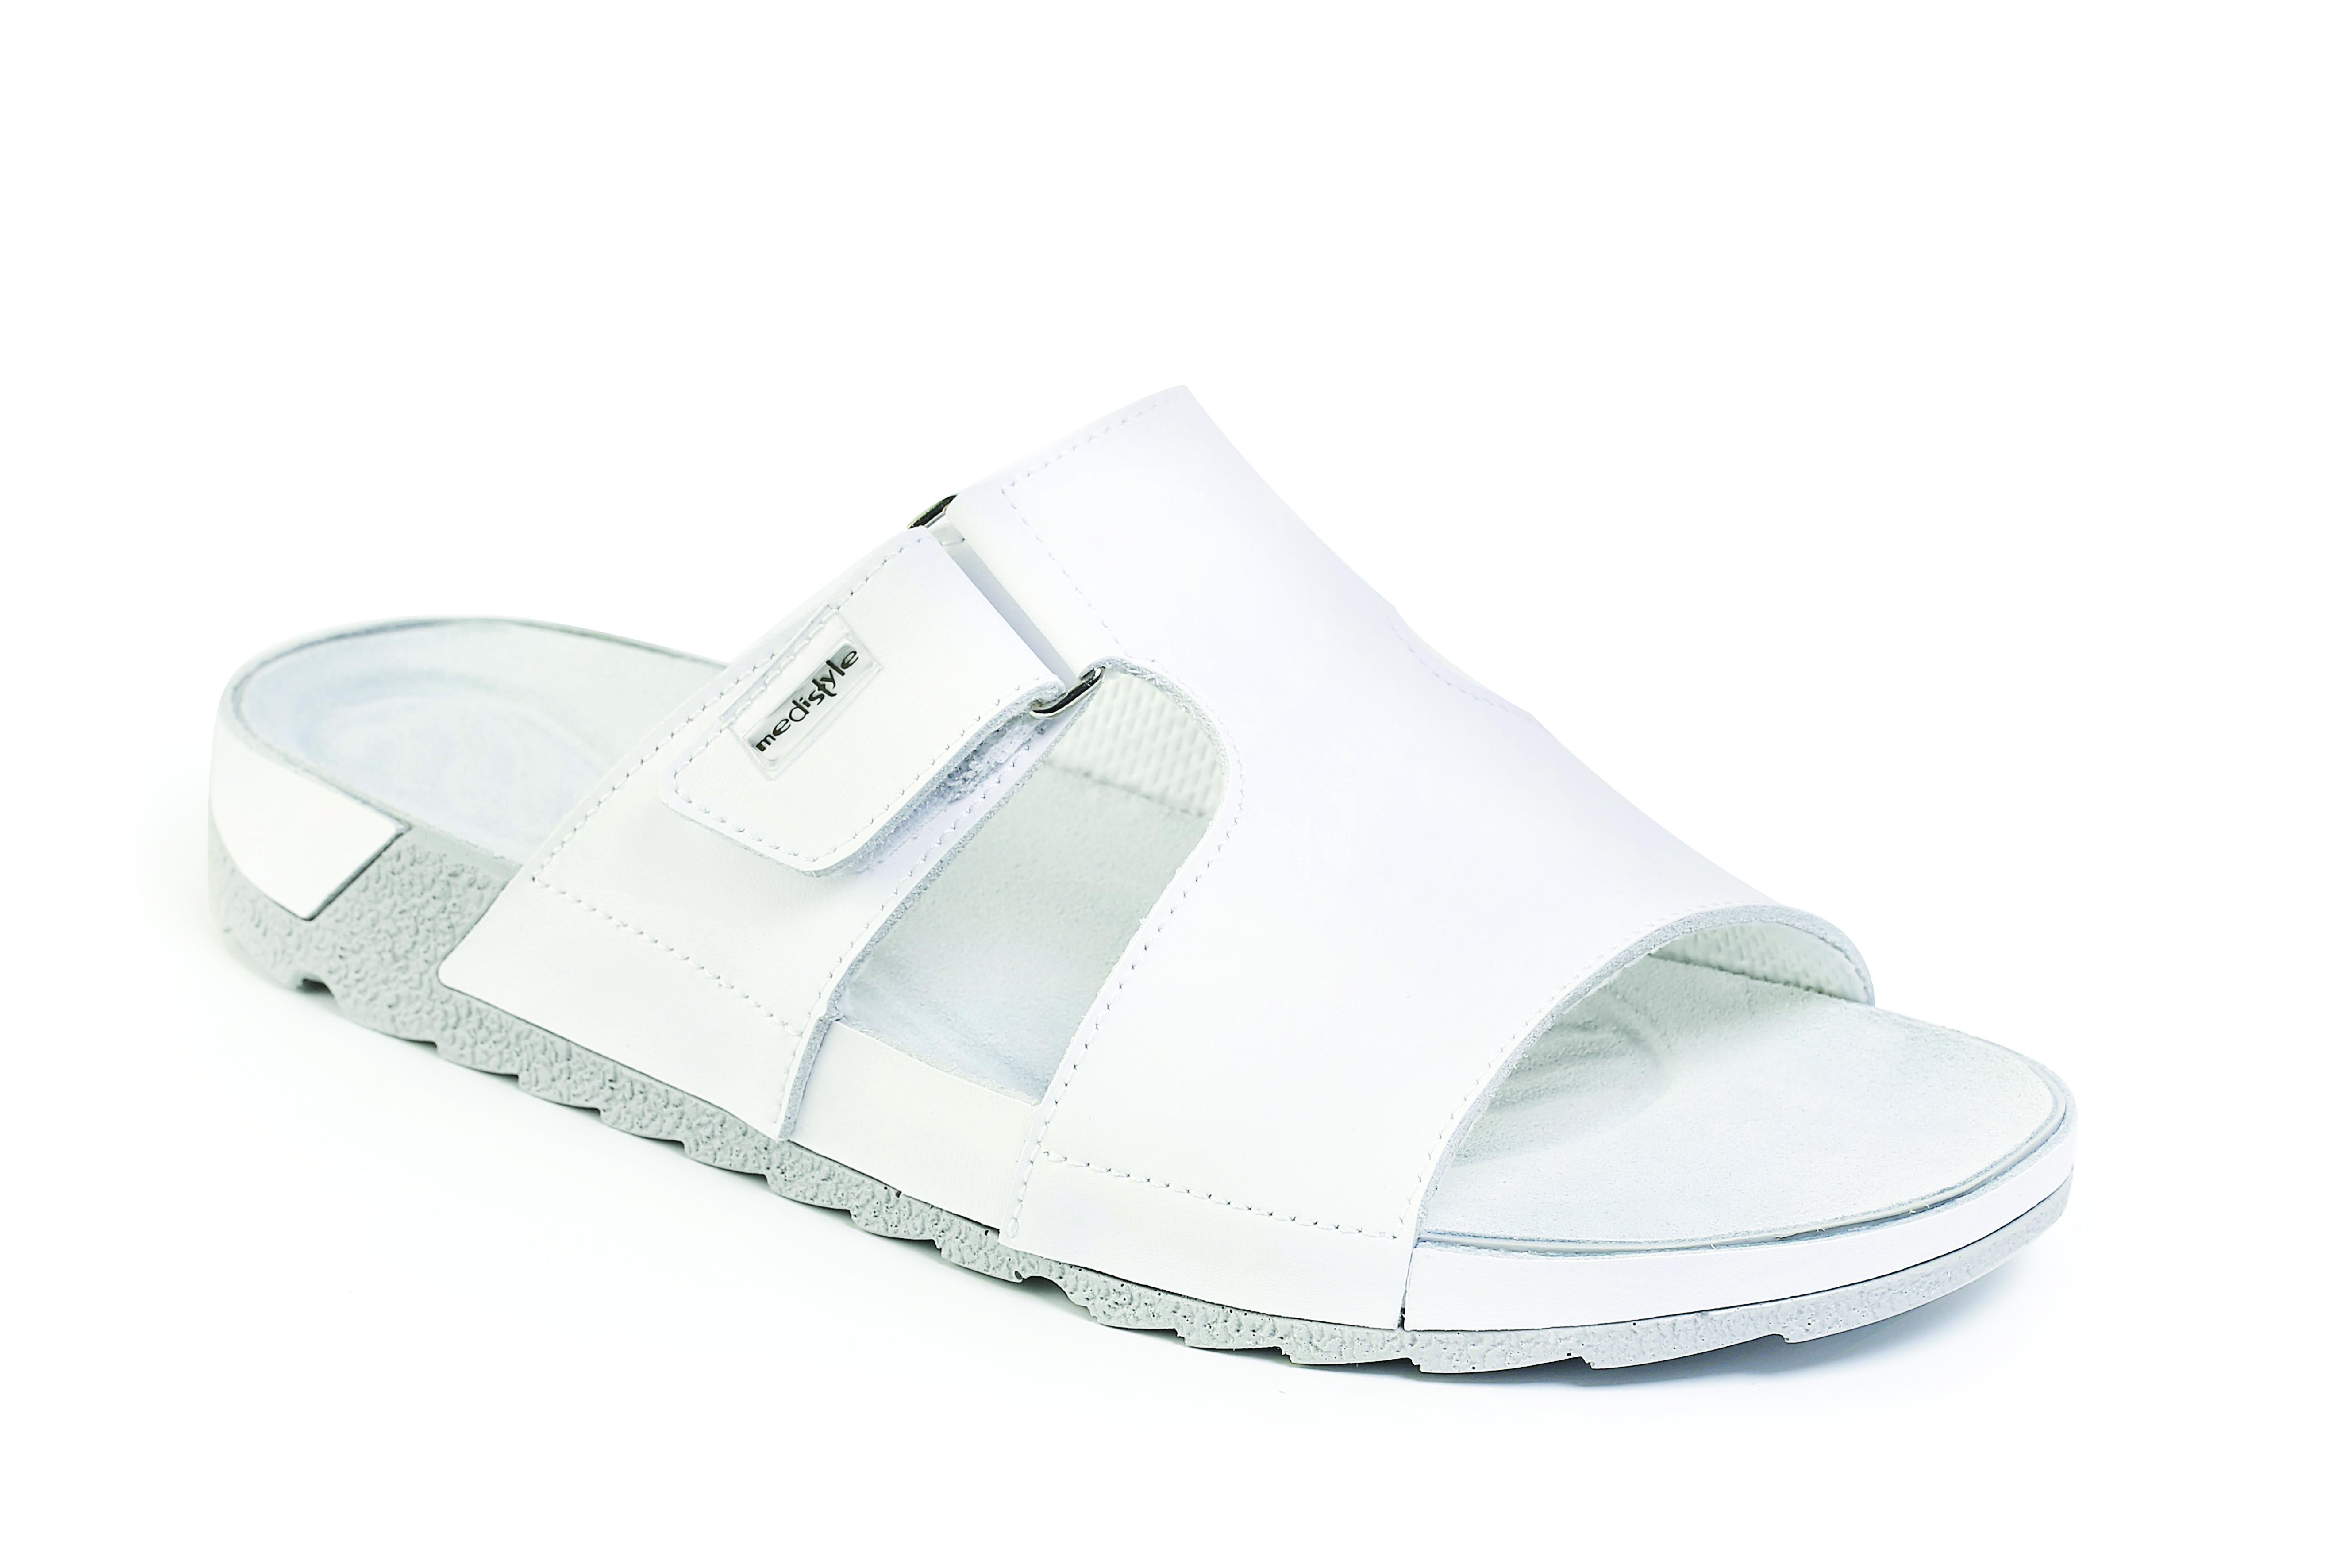 fc555fc622a0 Pantofle GABRIEL zdravotní obuv pánská bílá 5G-J11 Medistyle ...